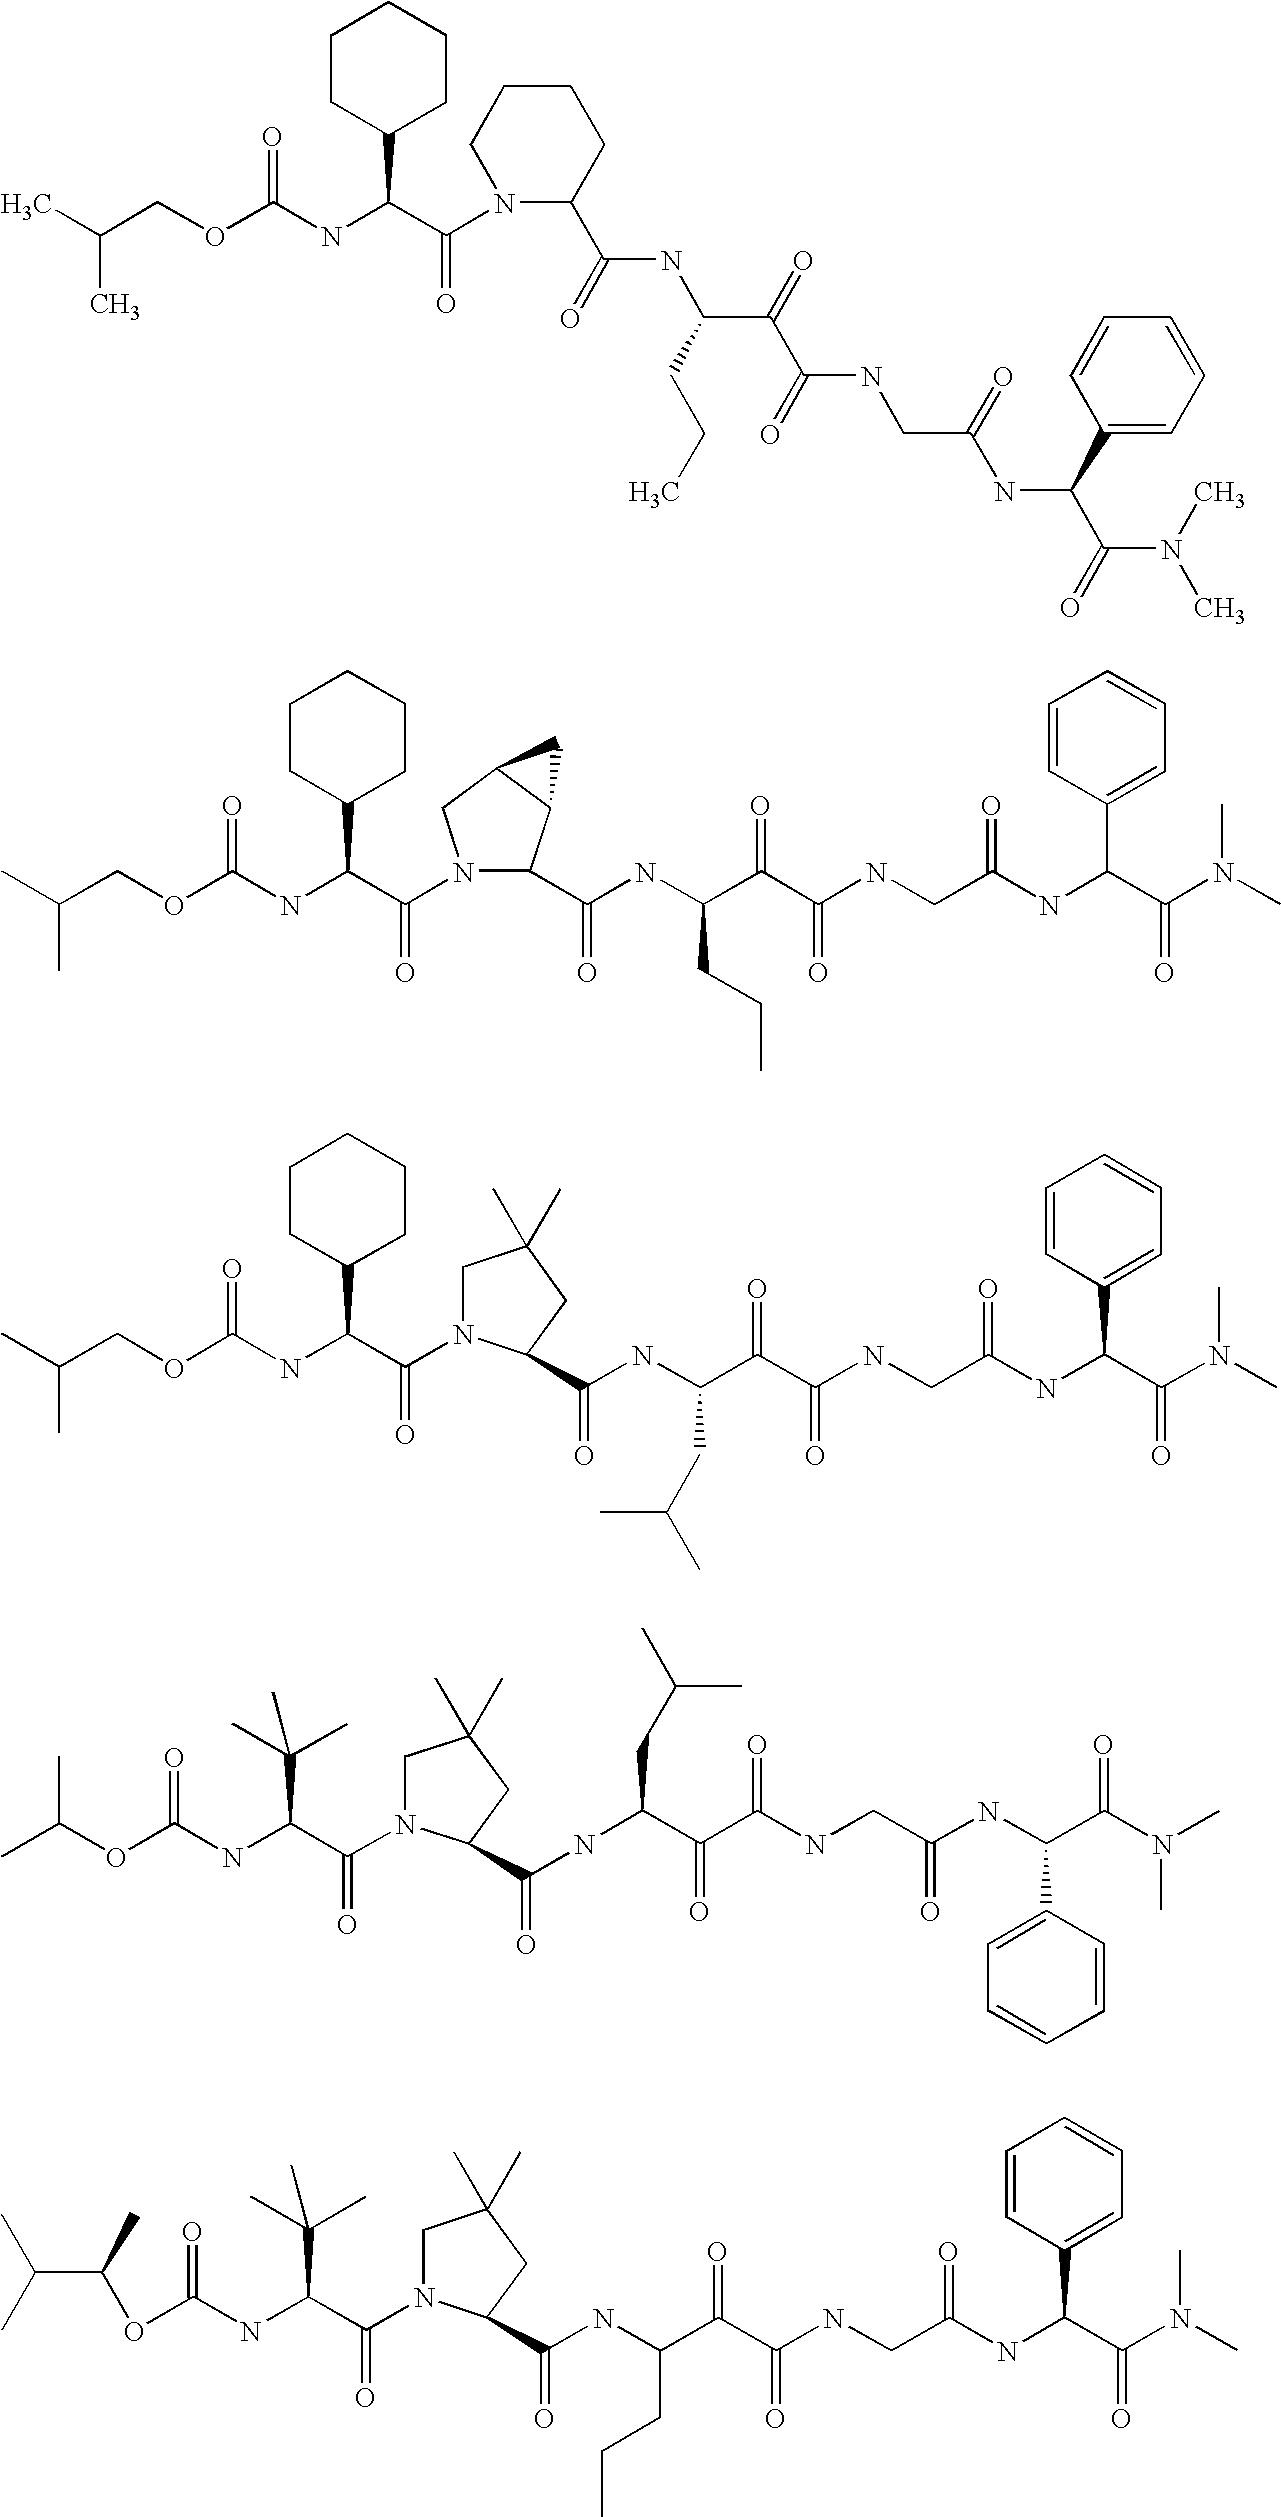 Figure US20060287248A1-20061221-C00142